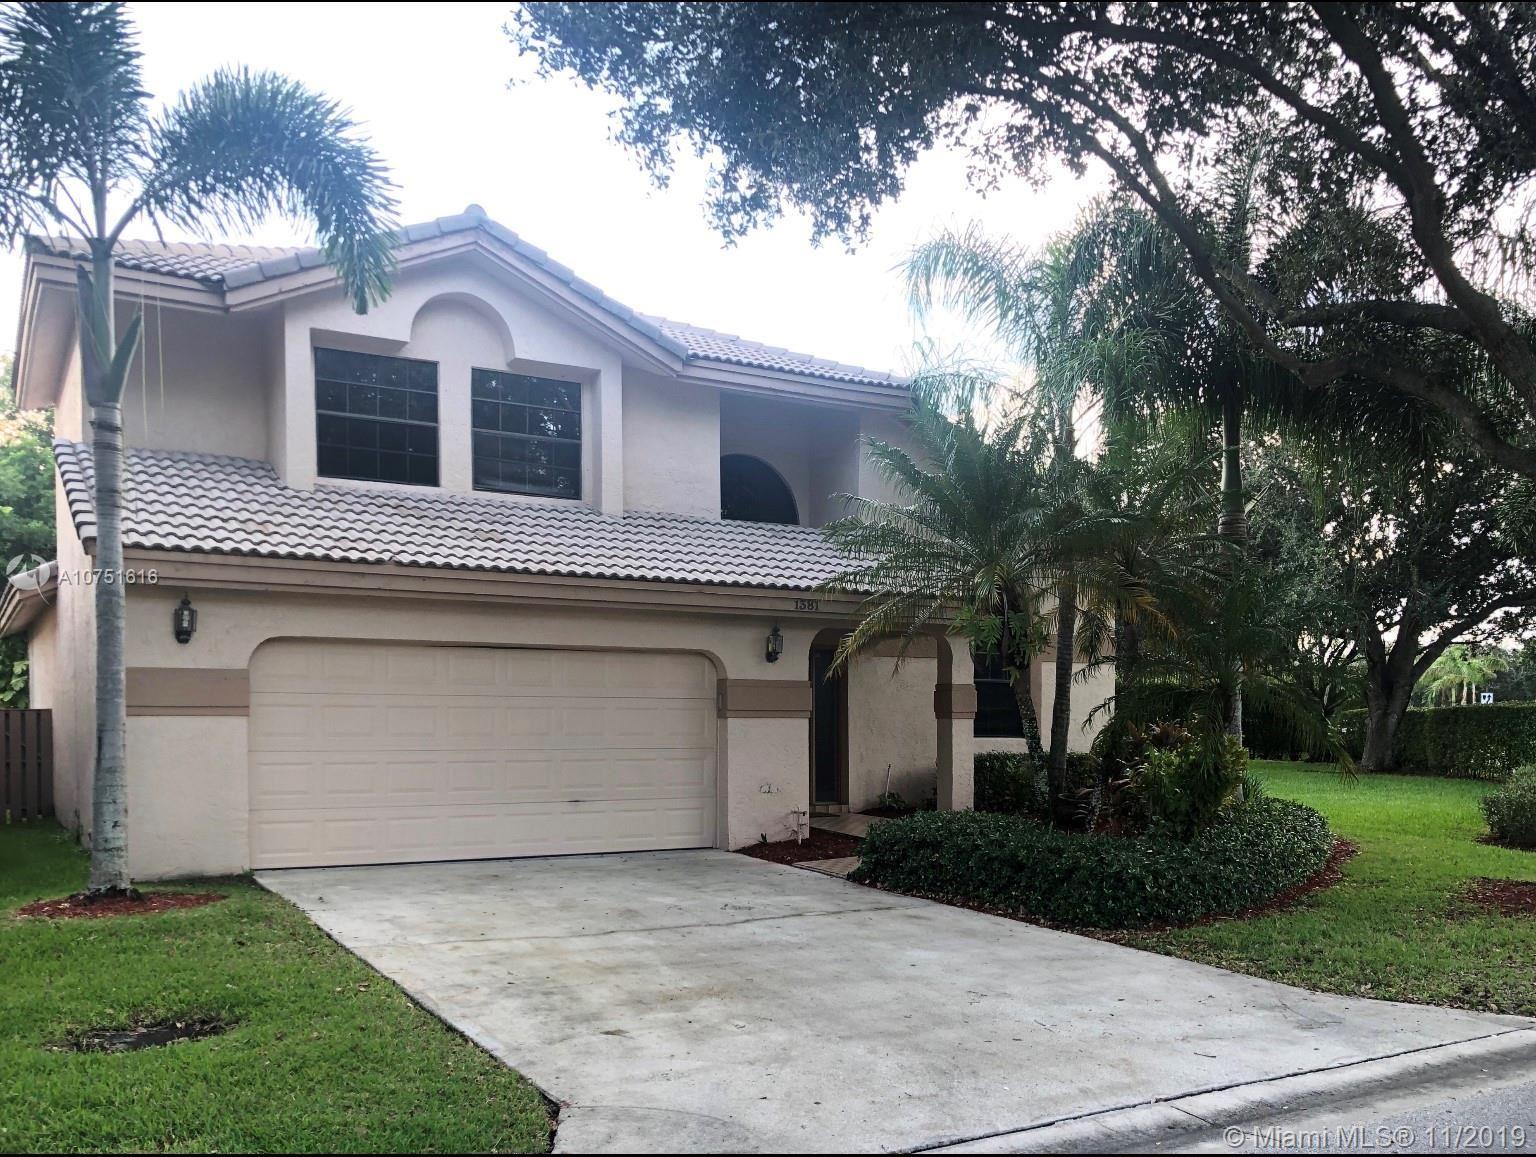 1381 NW 105th Ave, Plantation, FL 33322 - MLS#: A10751616